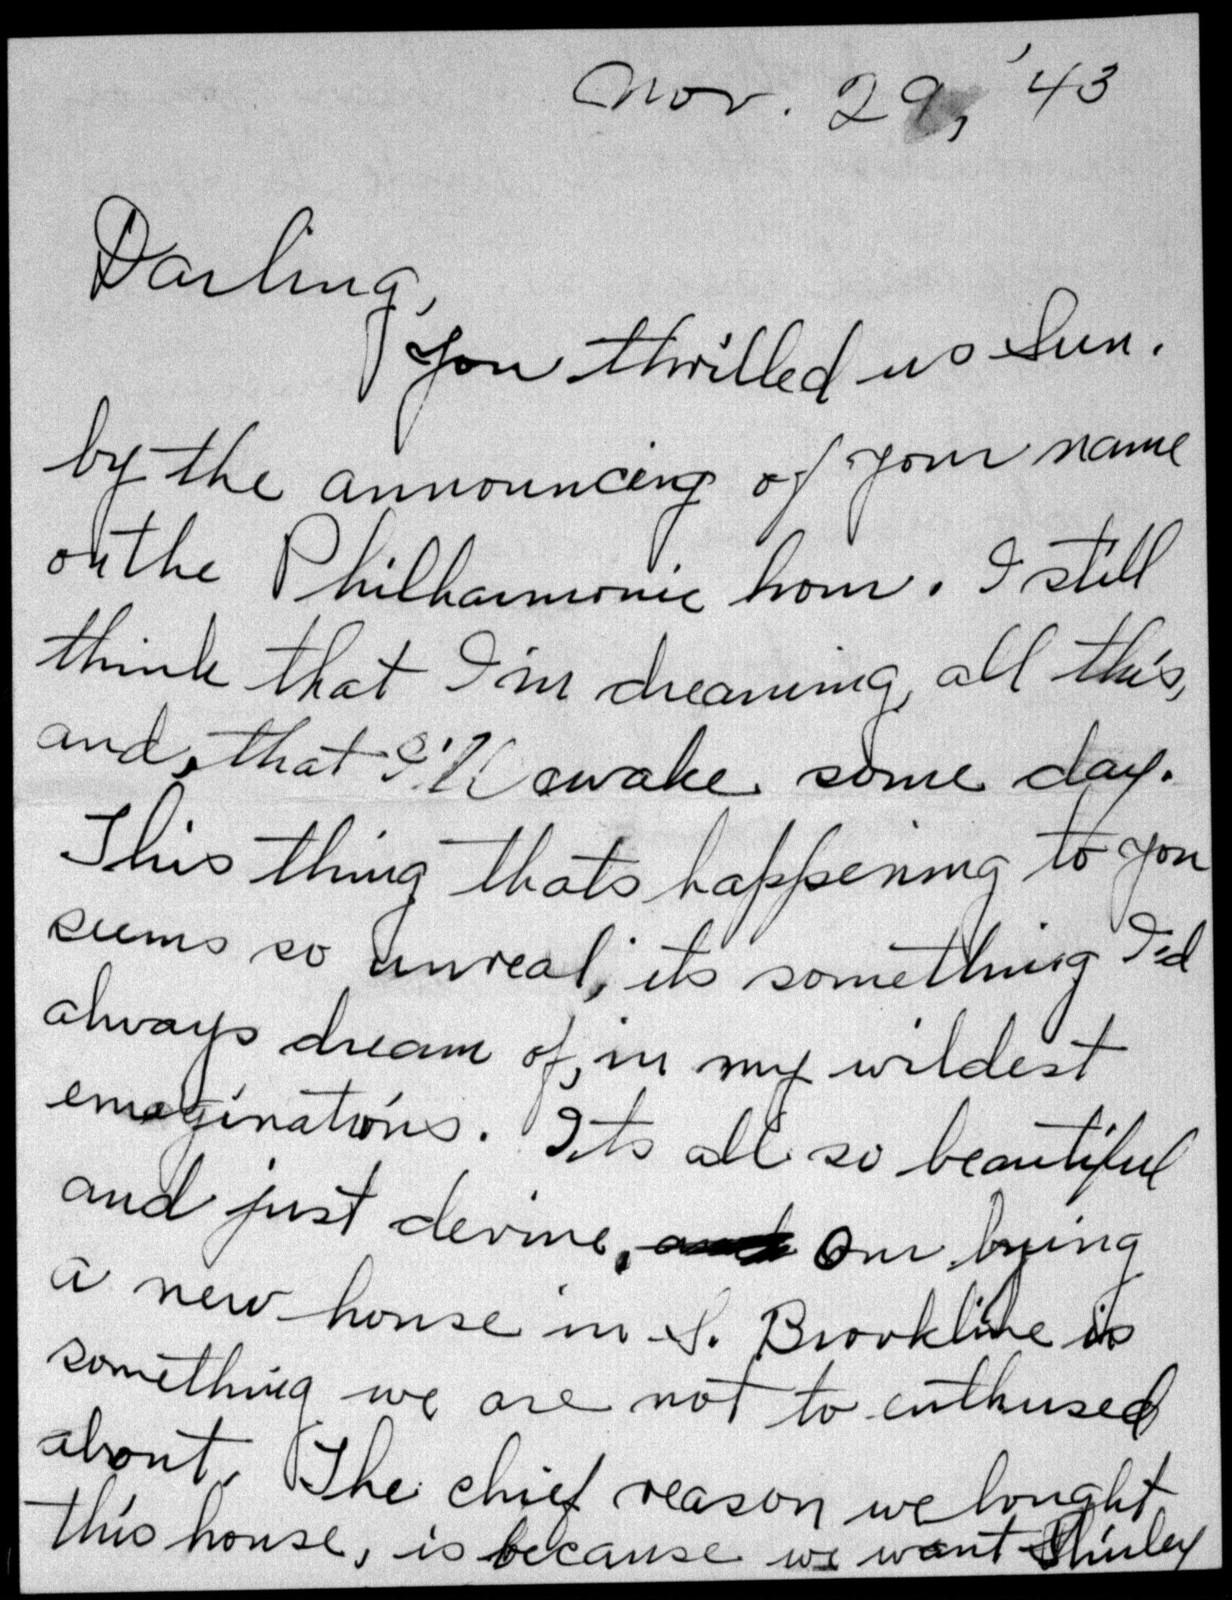 Letter from Jennie Bernstein to Leonard Bernstein, November 29, 1943